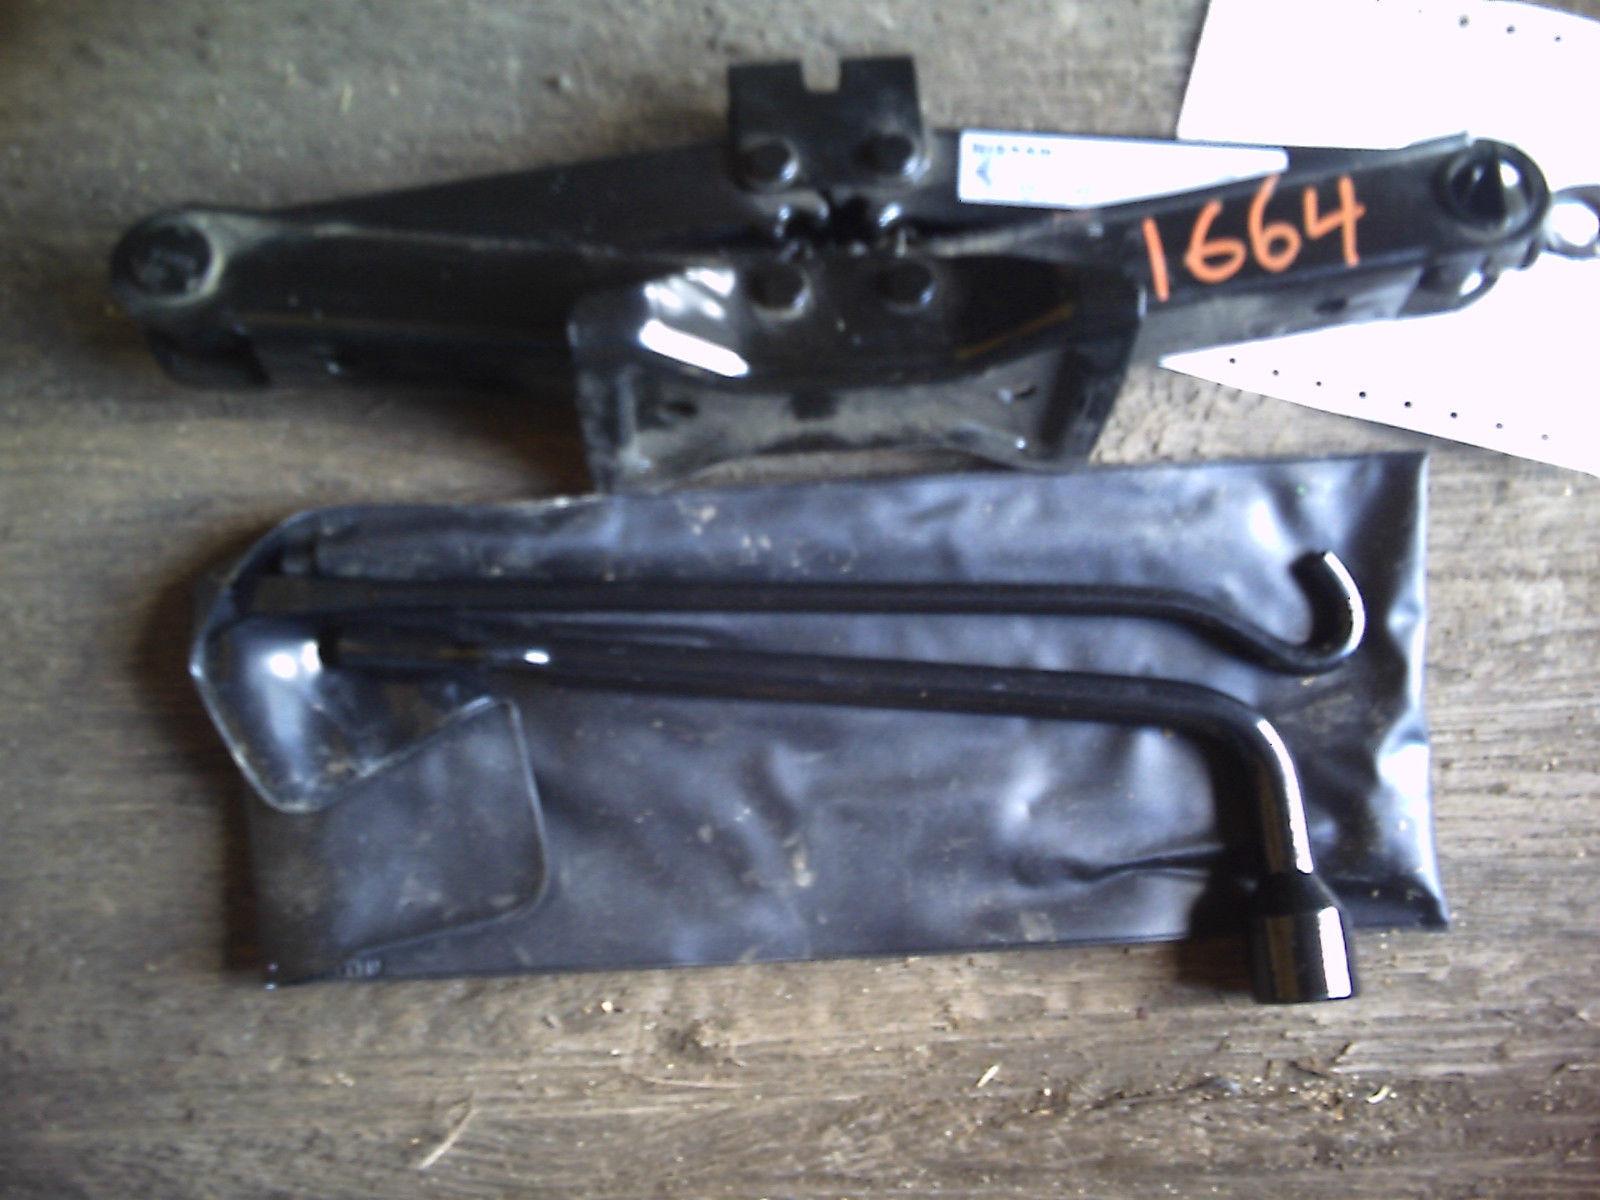 1664   jack assembly 1664